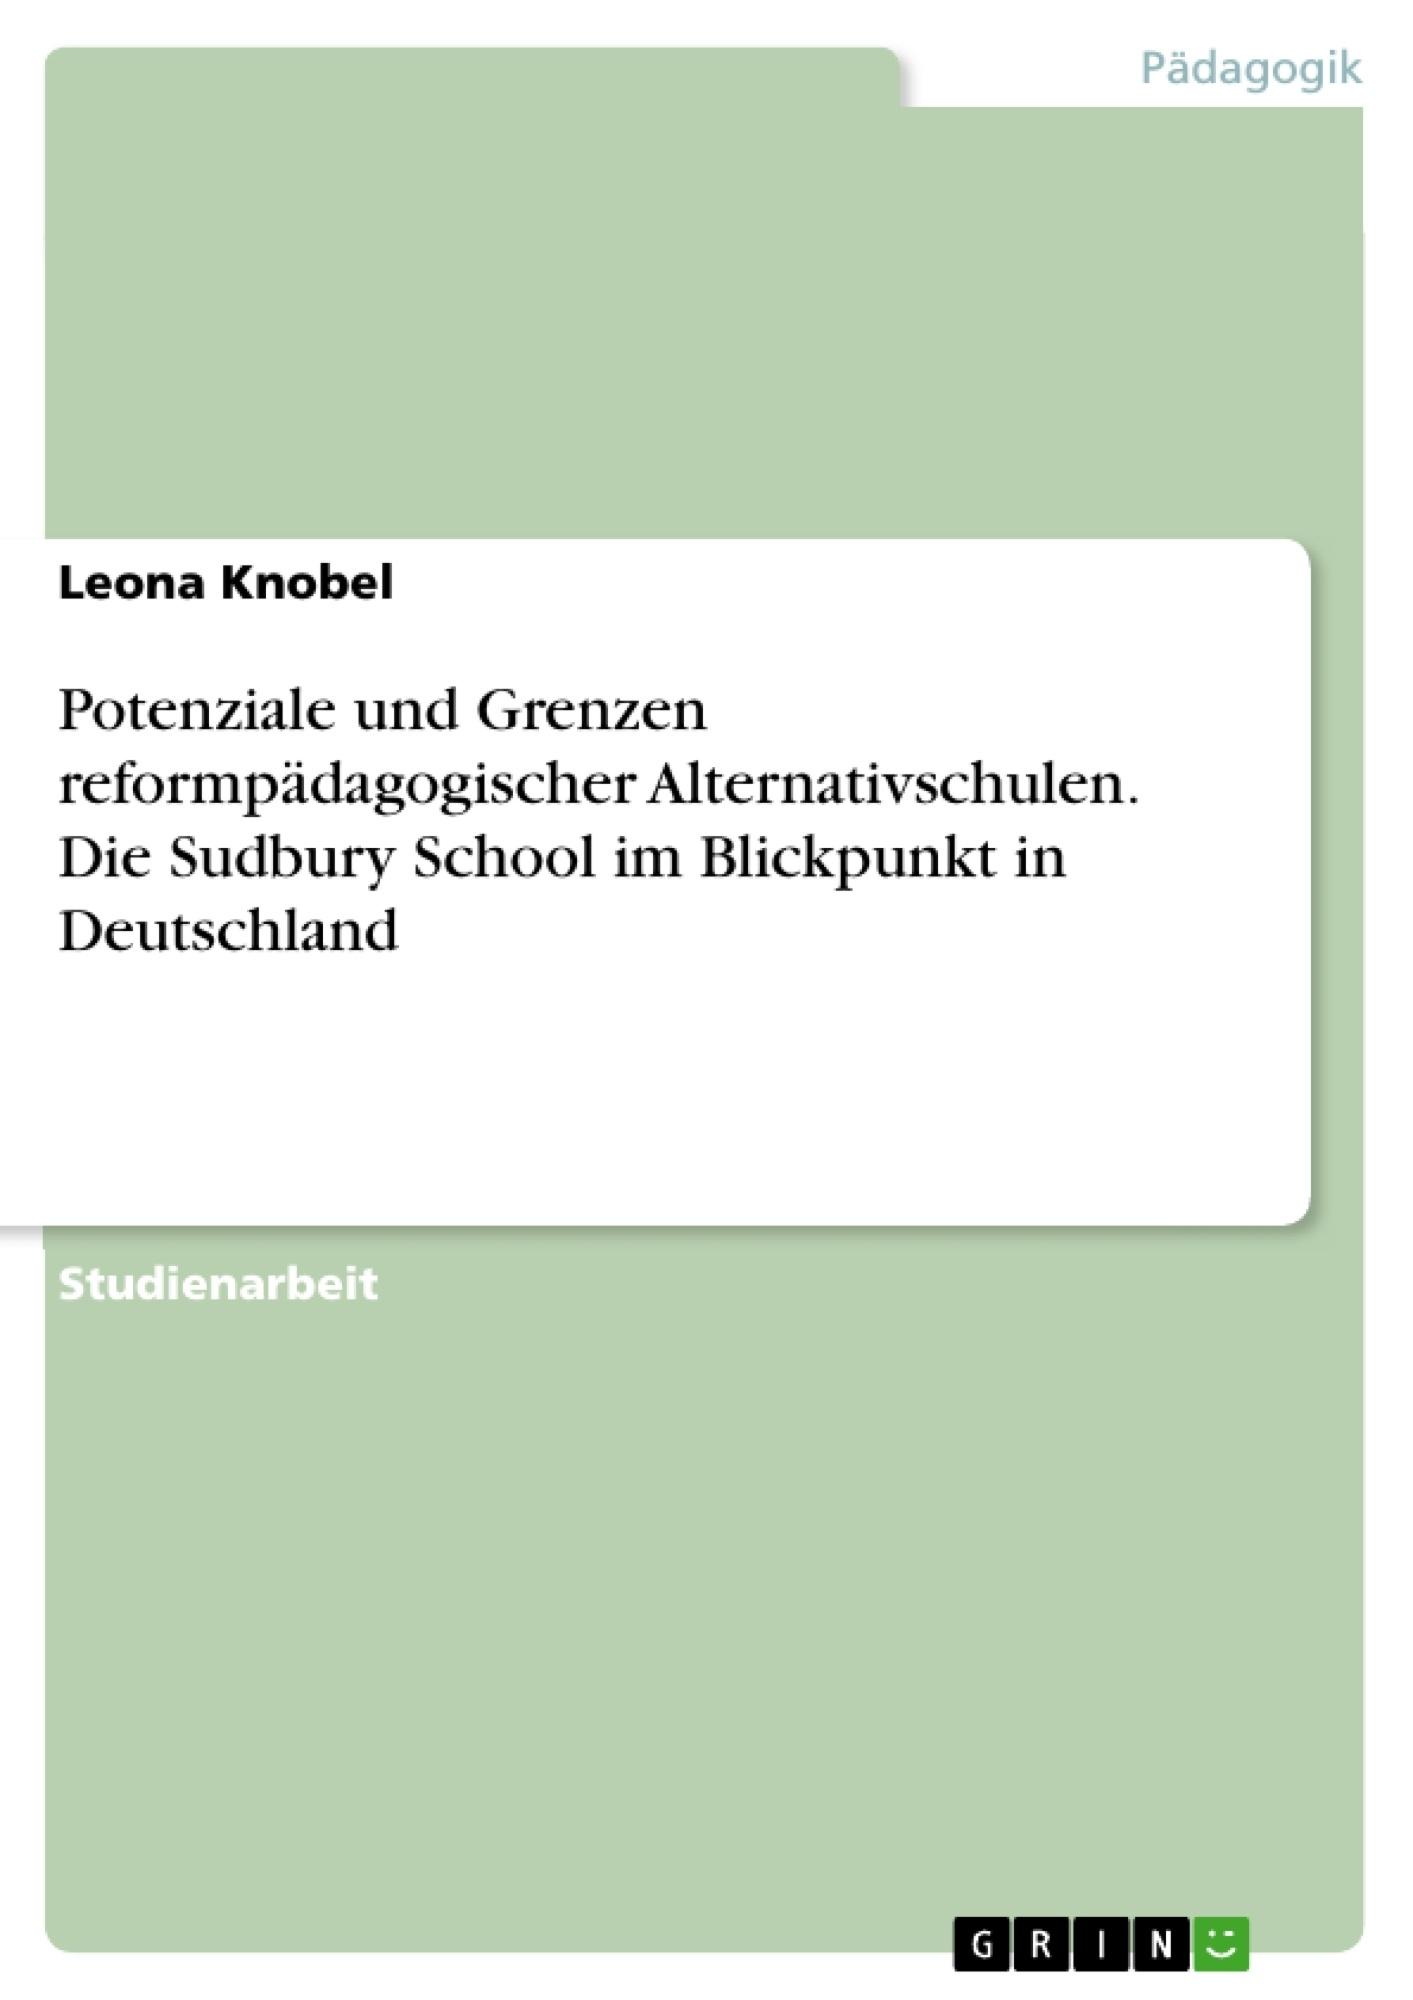 Titel: Potenziale und Grenzen reformpädagogischer Alternativschulen. Die Sudbury School im Blickpunkt in Deutschland